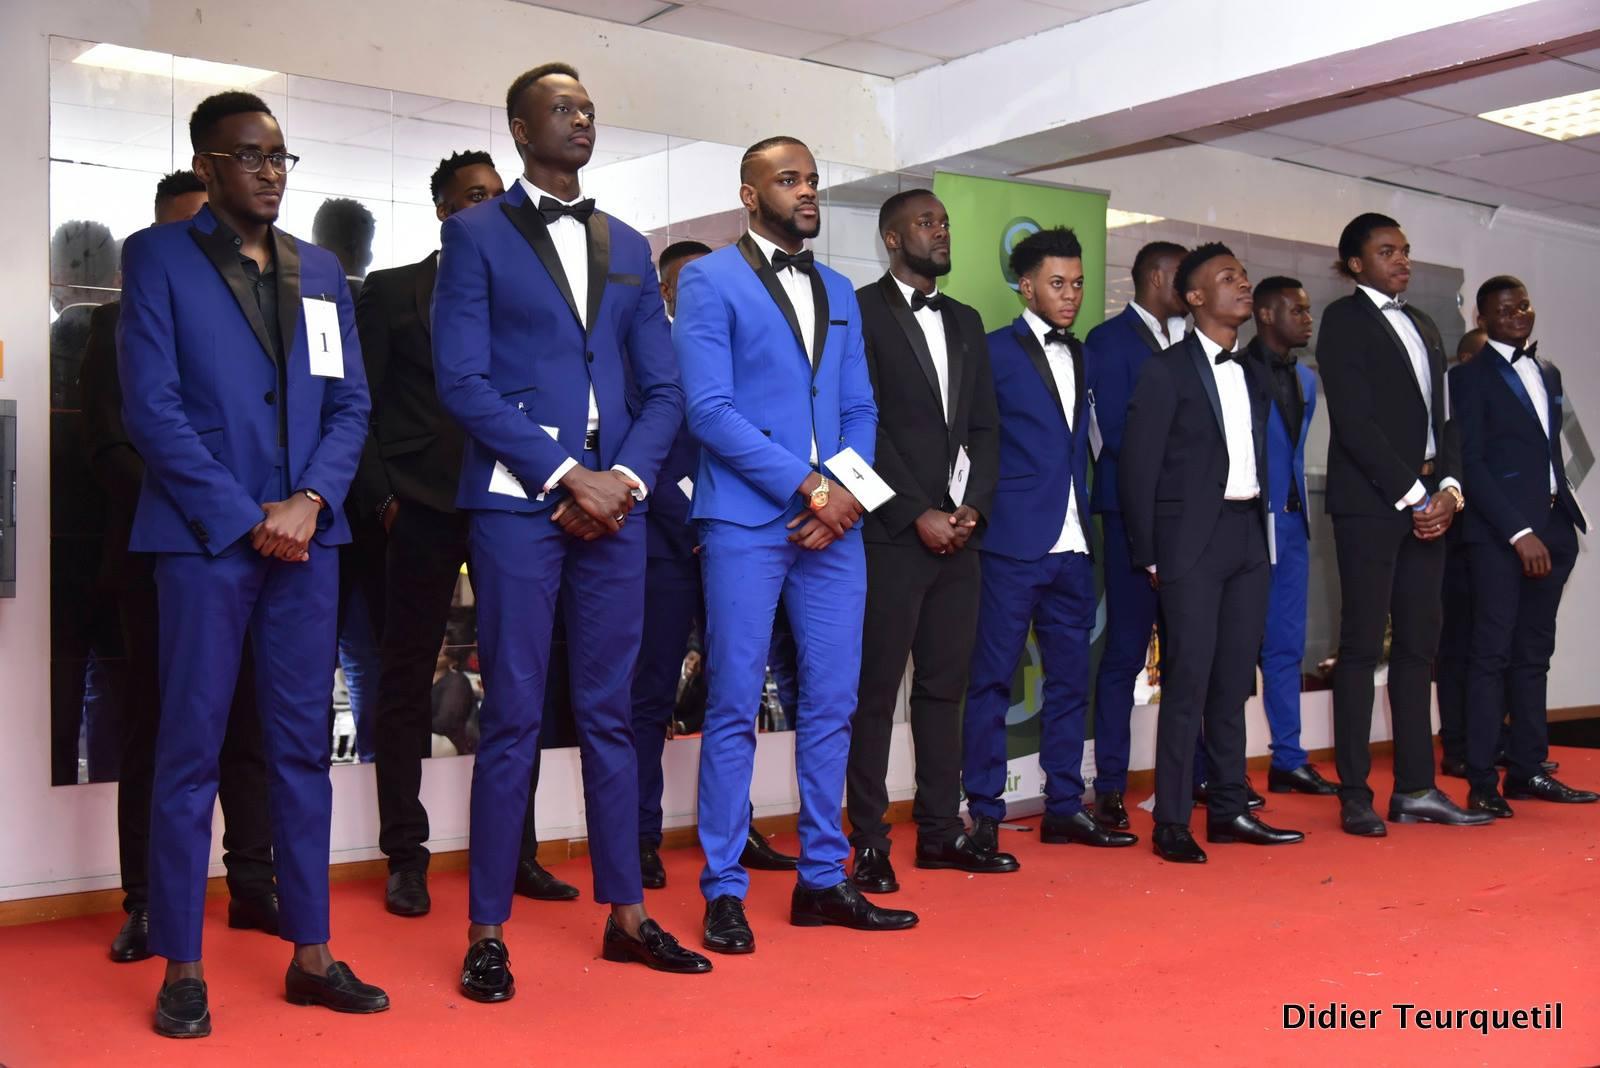 Élection Mister RDC 2016 : bilan d'une LONGUE soirée